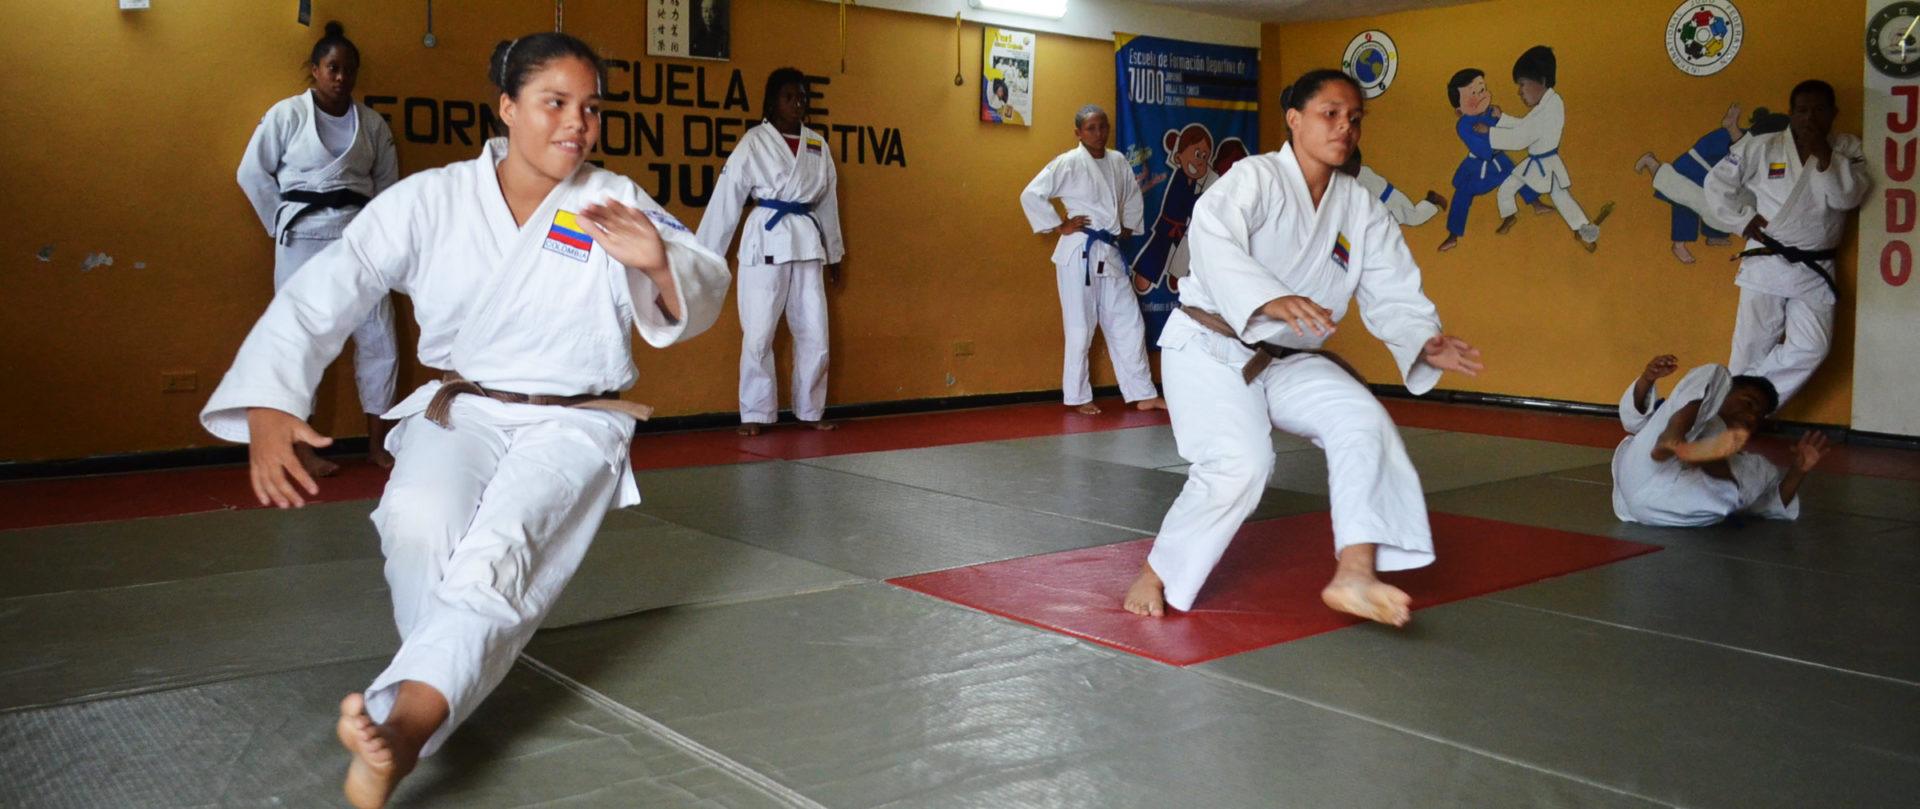 fotografía de judocas-guerrero hueco olímpico jamundi